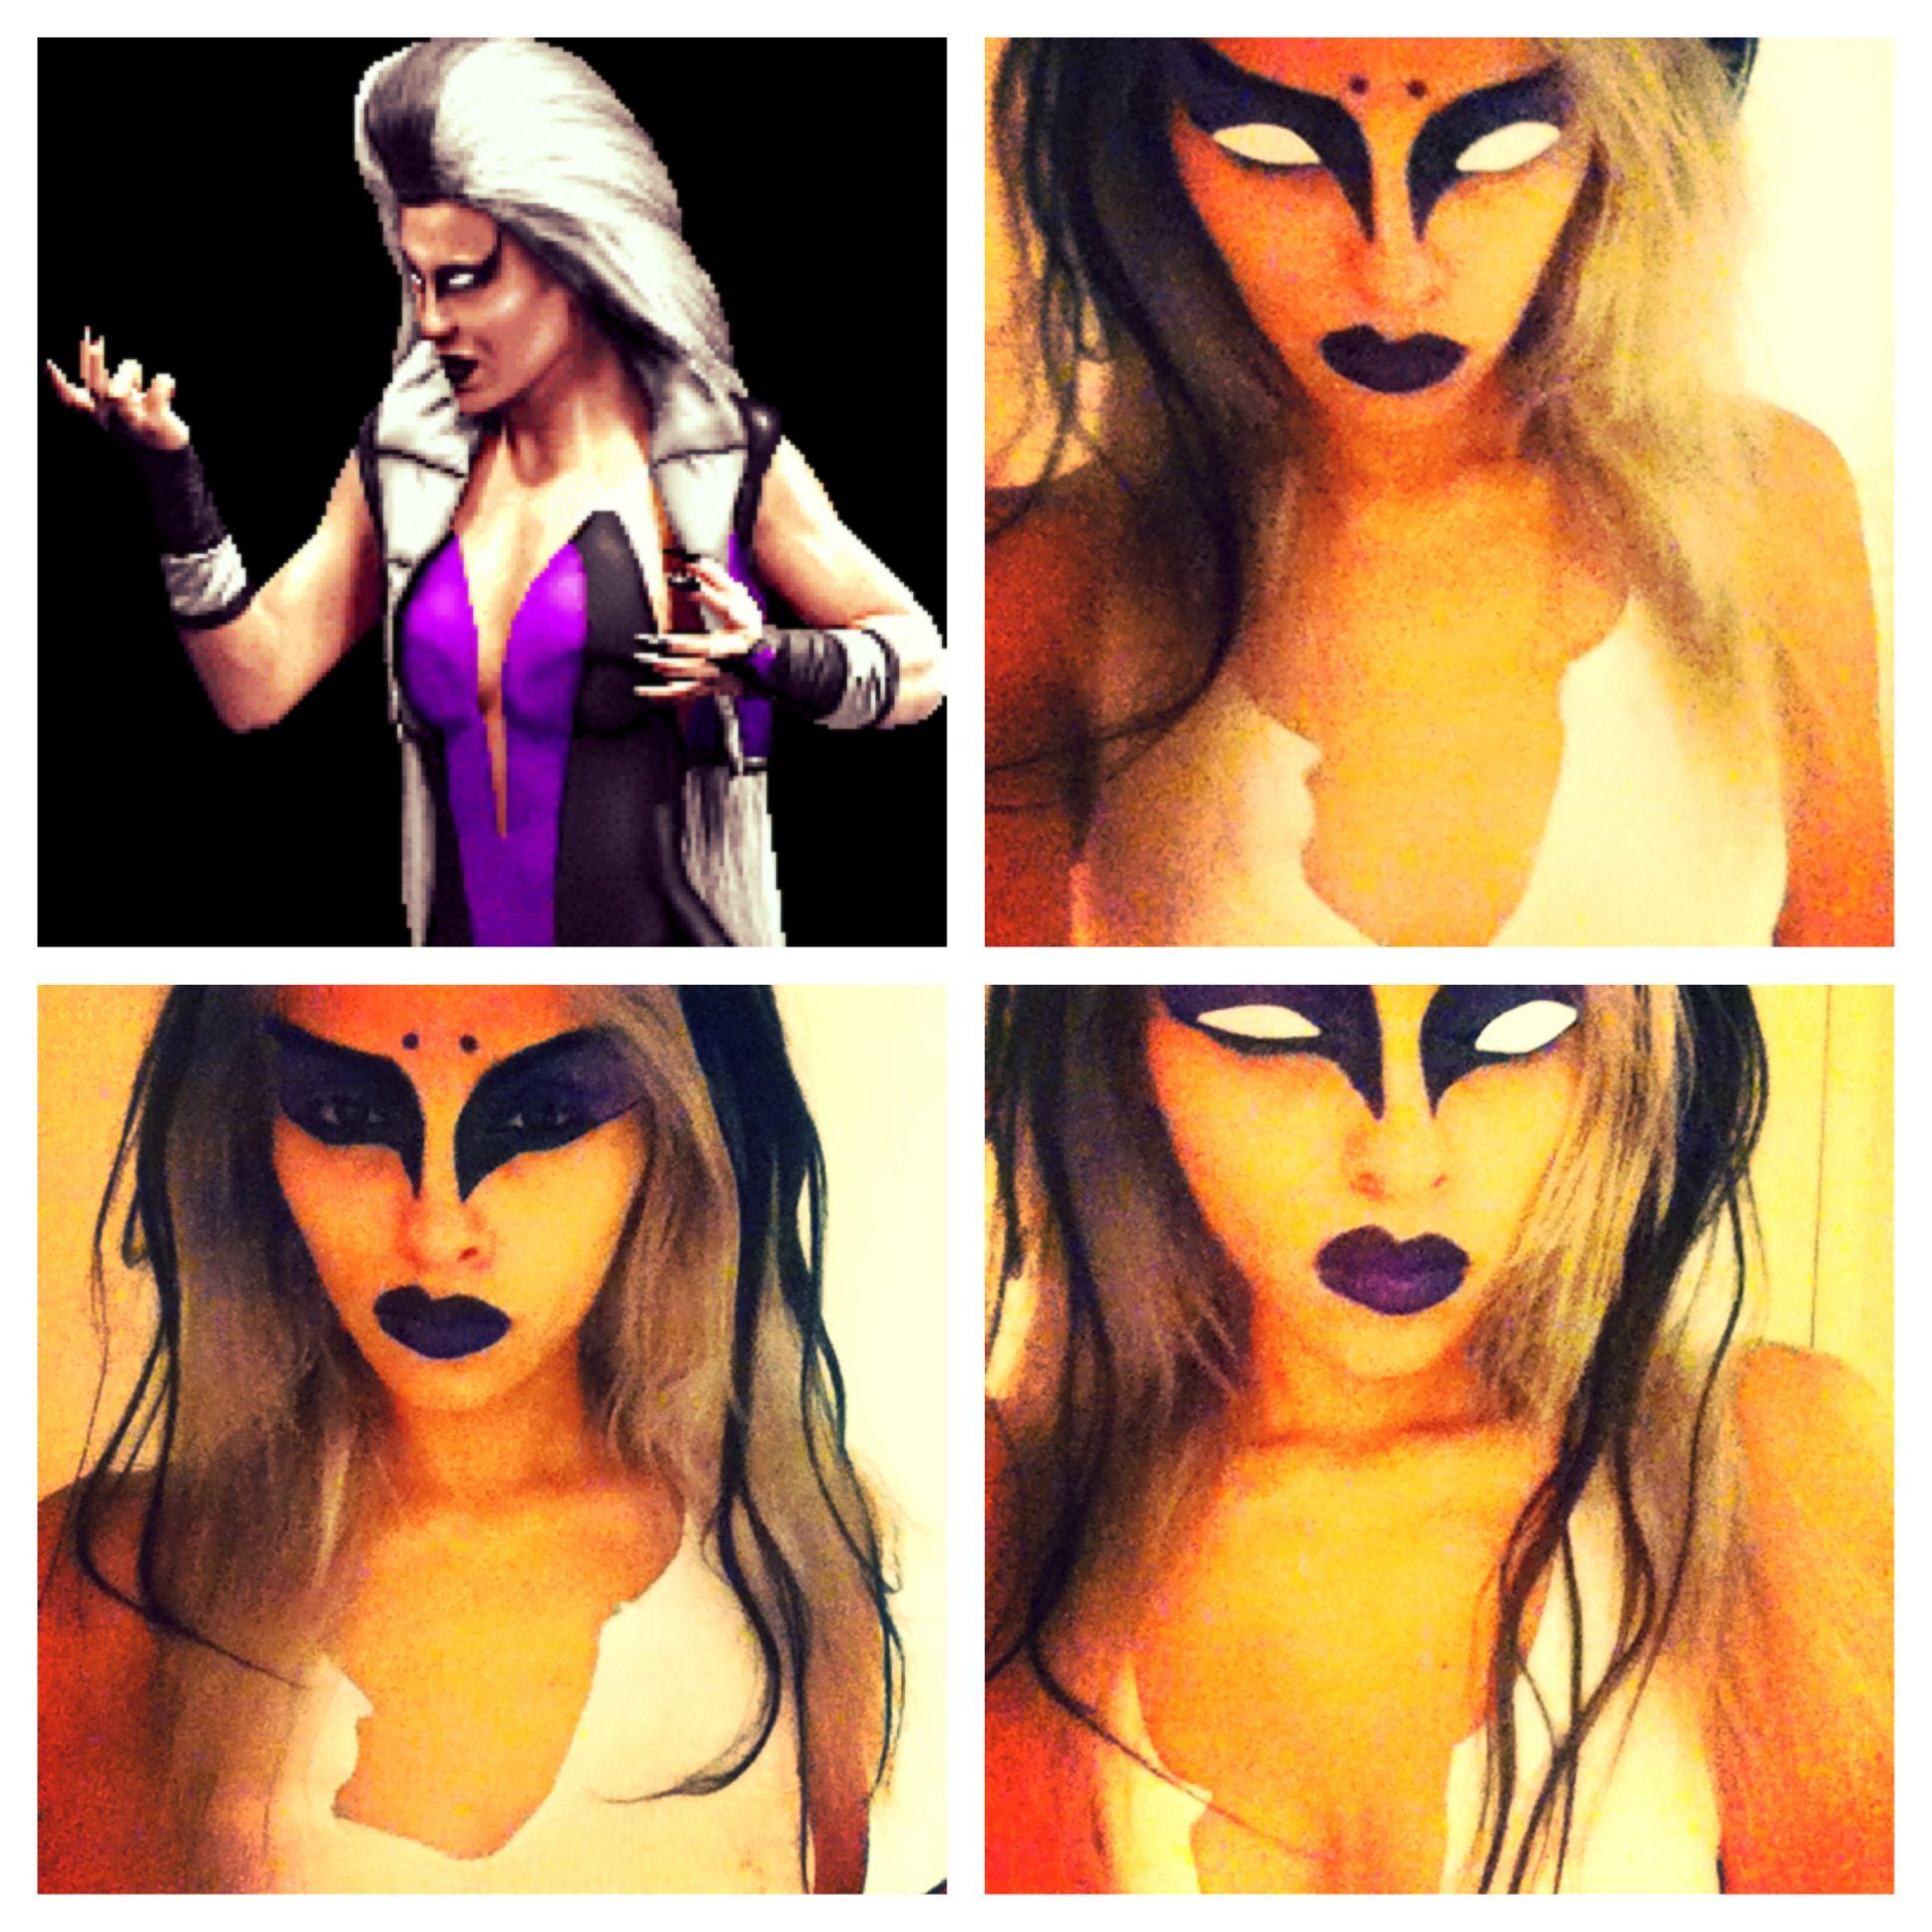 Pin By Megan Ramirez On Drag In 2020 Mortal Kombat Cosplay